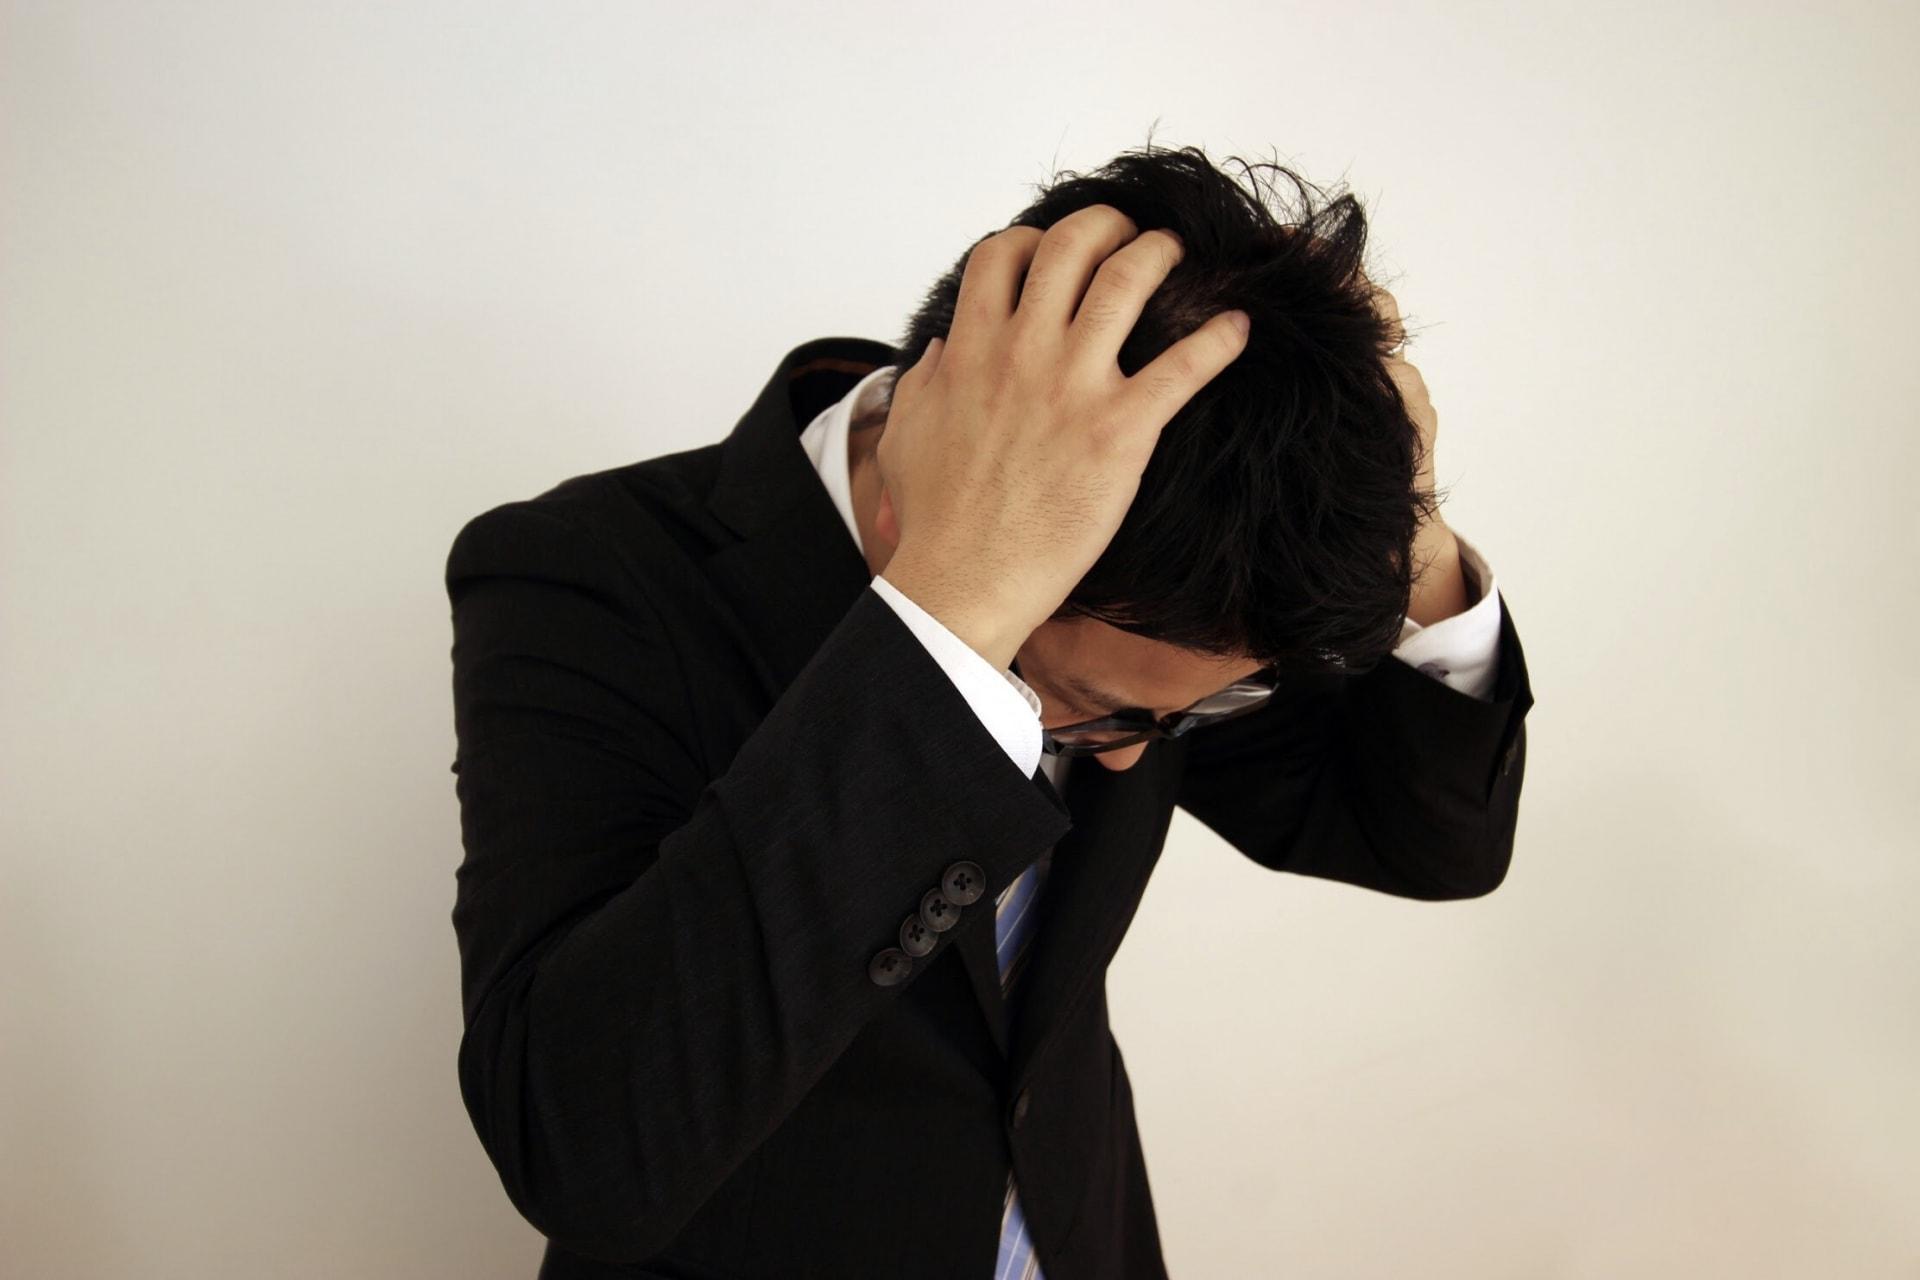 頭皮環境の乱れる原因とは?あなたの頭皮は大丈夫?